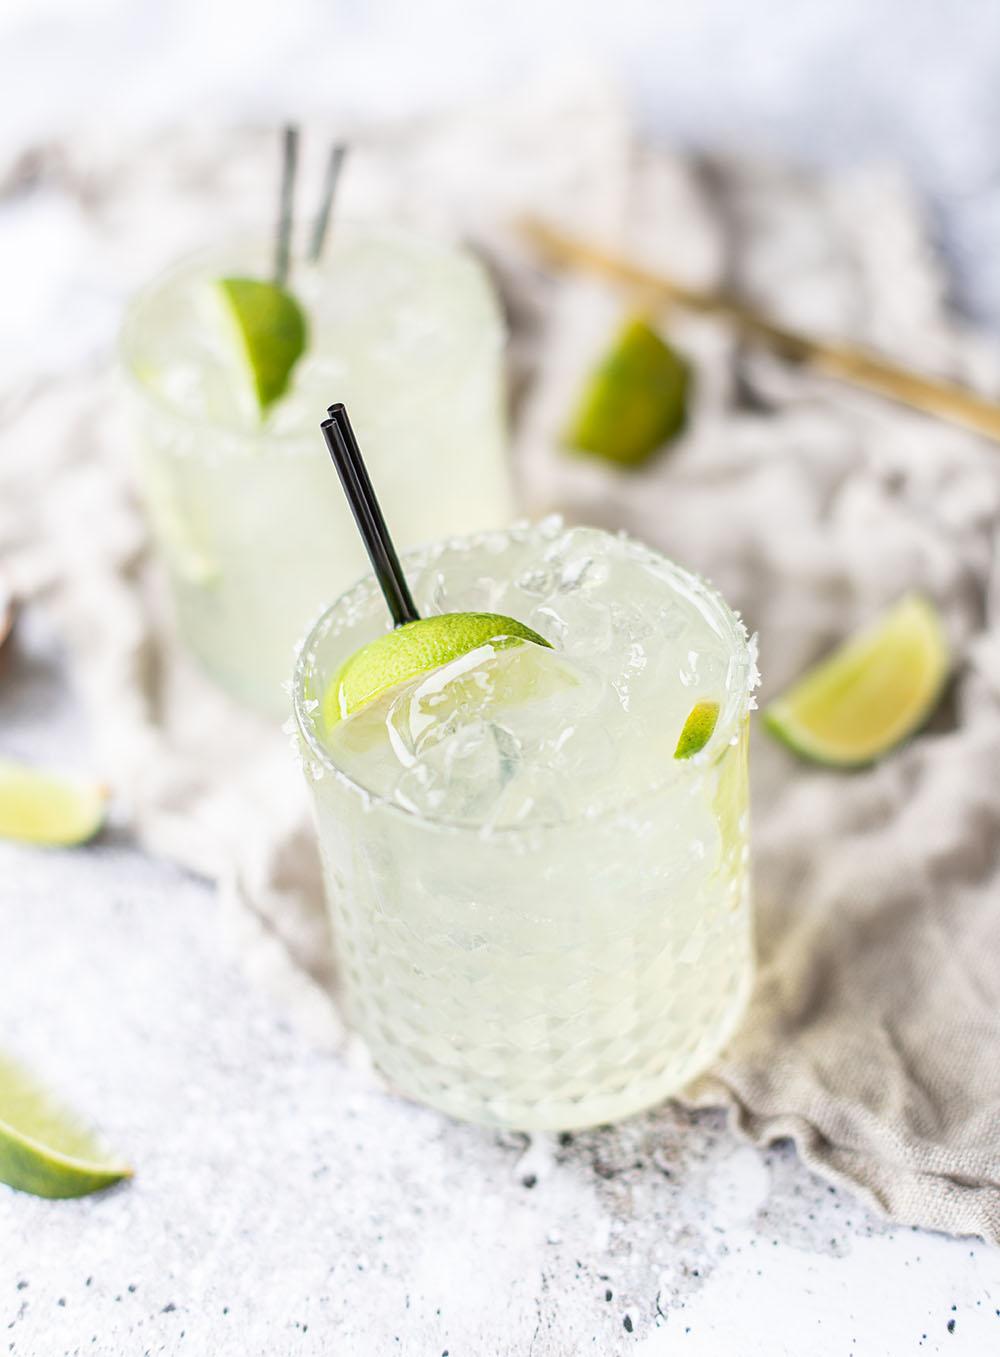 læskende opskrift på margarita med vodka